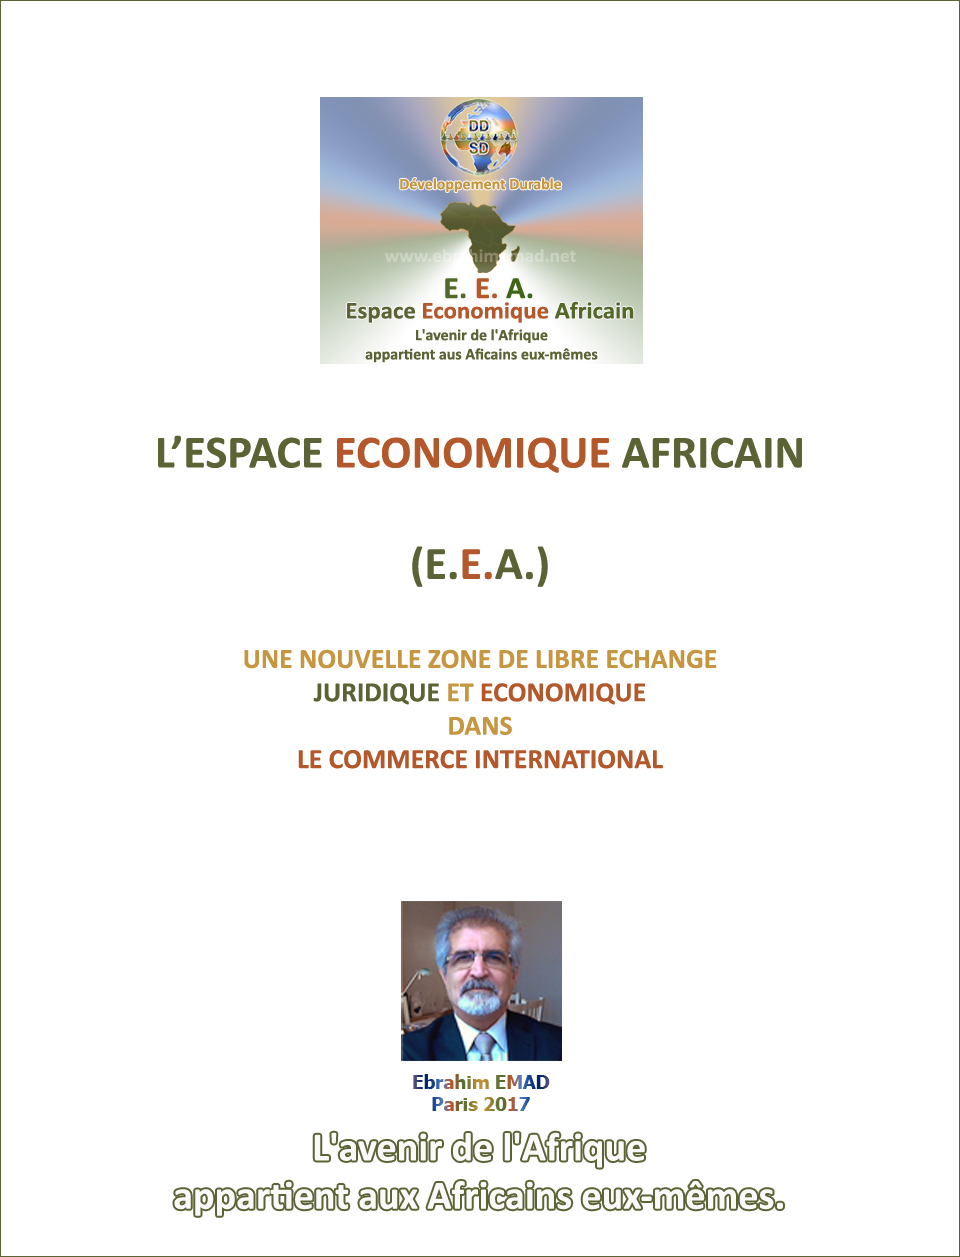 L'ESPACE ECONOMIQUE AFRICAIN